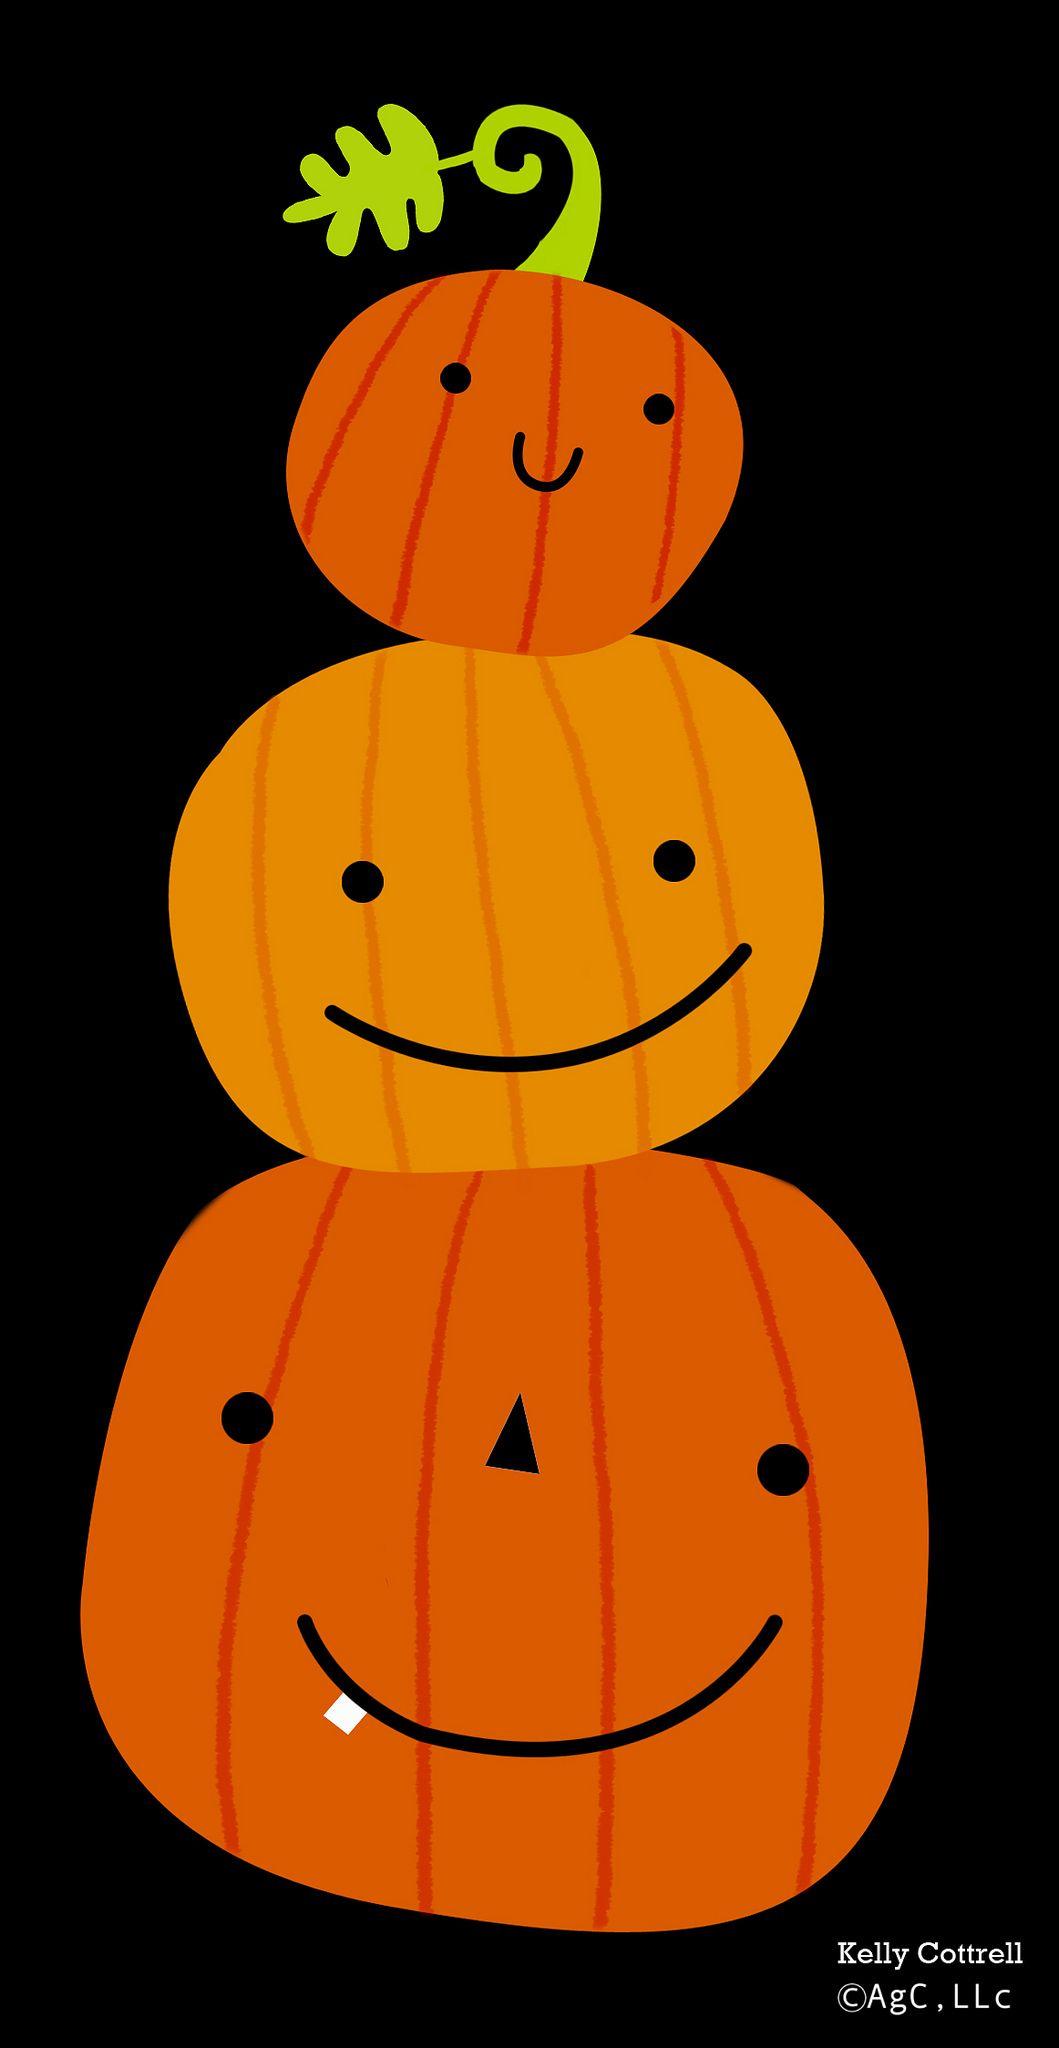 Jols Halloween Wallpaper Iphone Halloween Wallpaper Halloween Wallpaper Cute